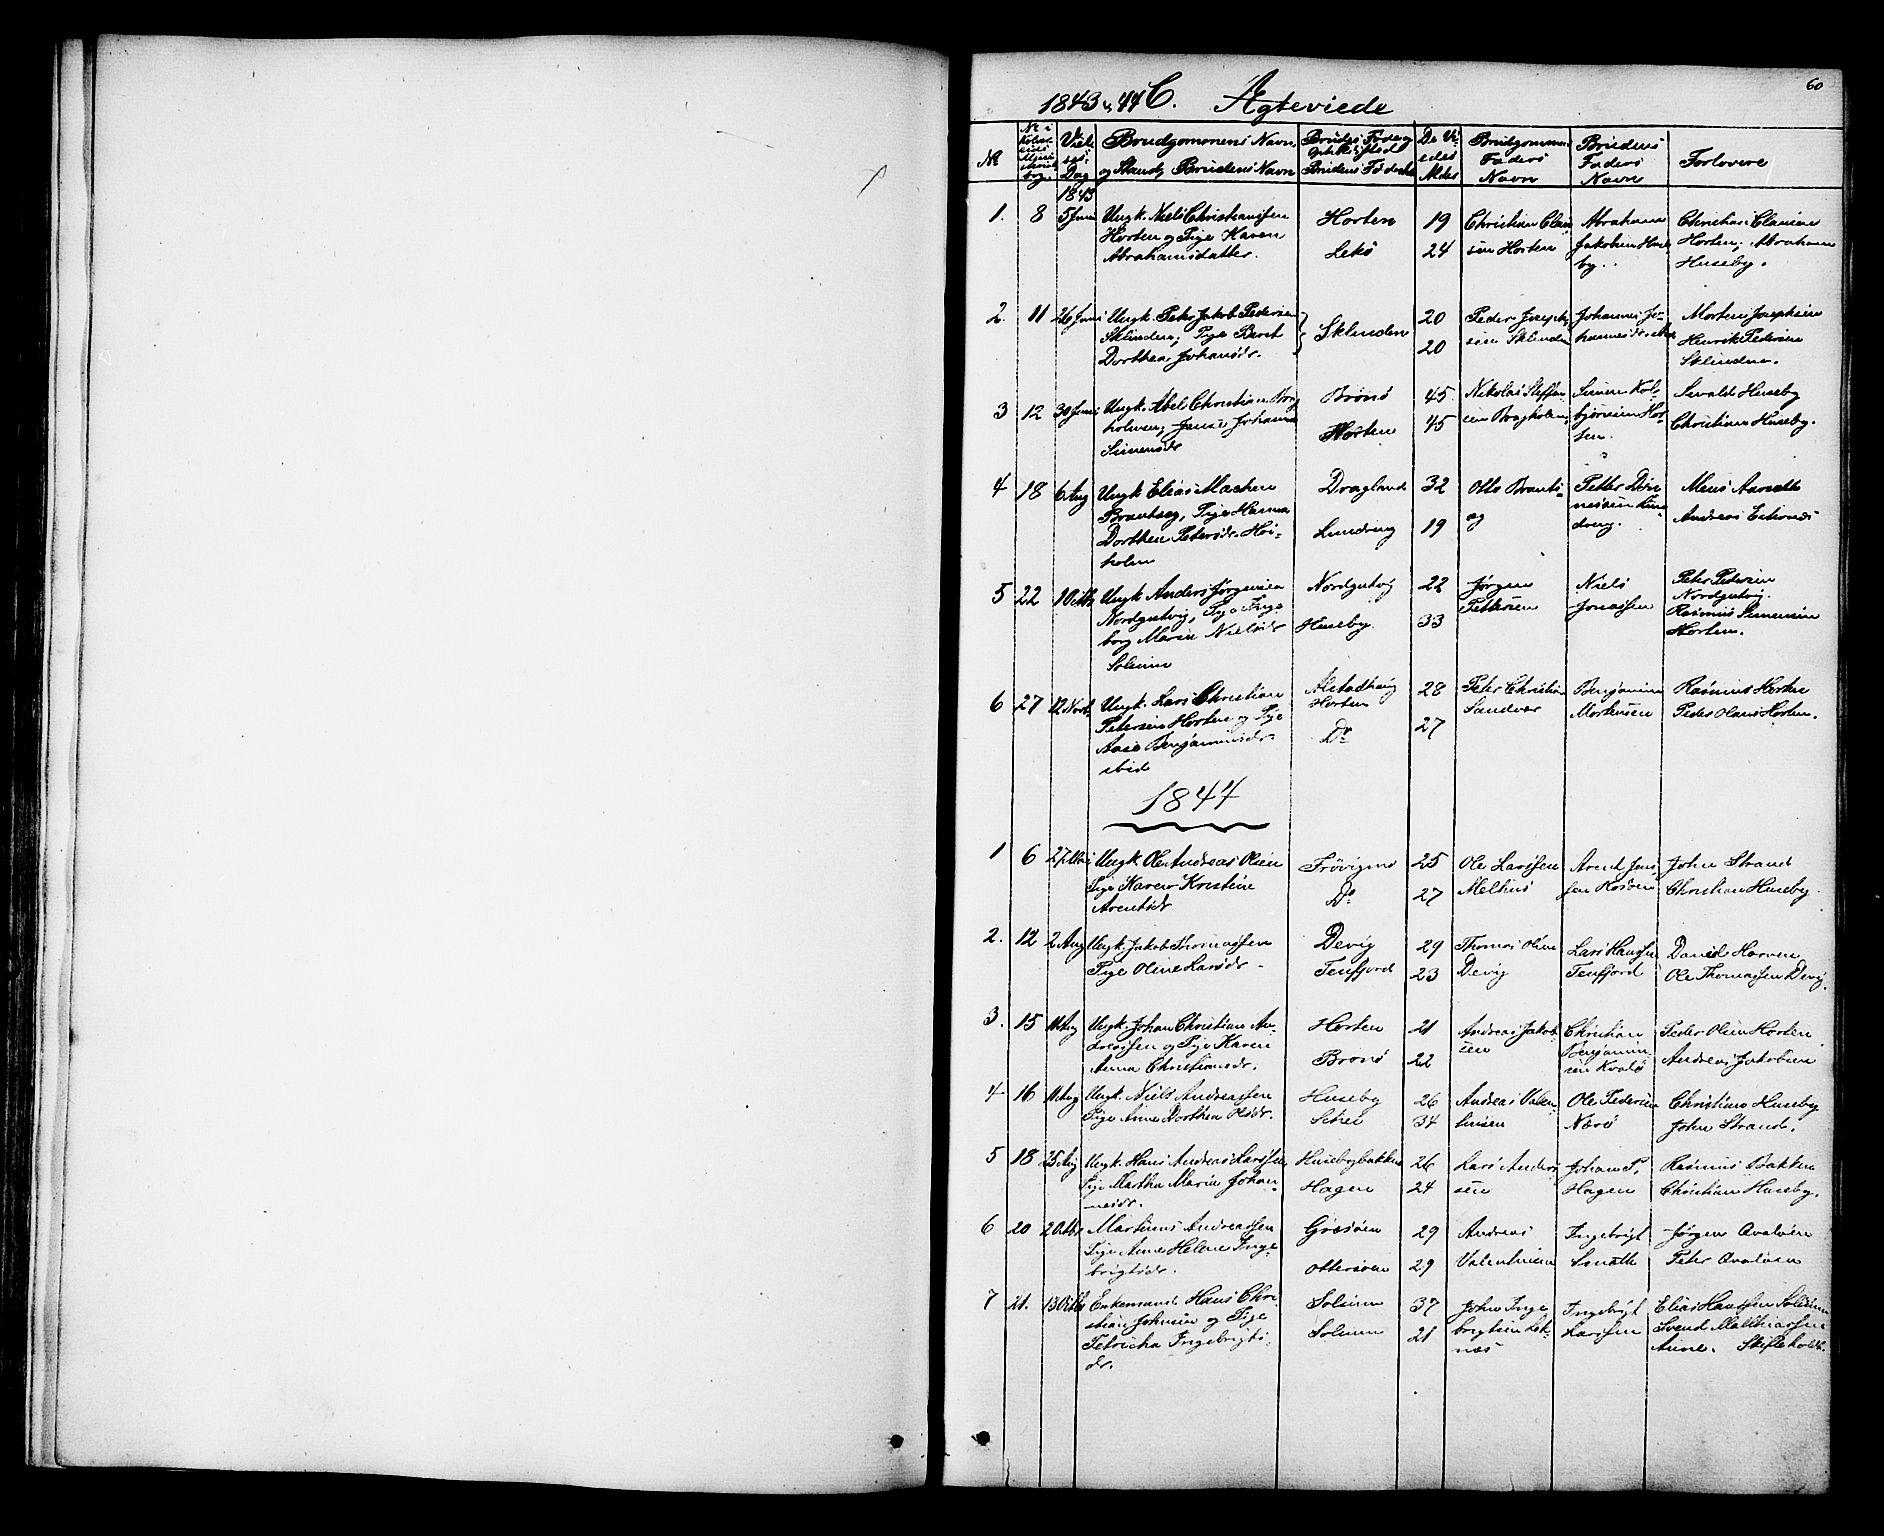 SAT, Ministerialprotokoller, klokkerbøker og fødselsregistre - Nord-Trøndelag, 788/L0695: Ministerialbok nr. 788A02, 1843-1862, s. 60